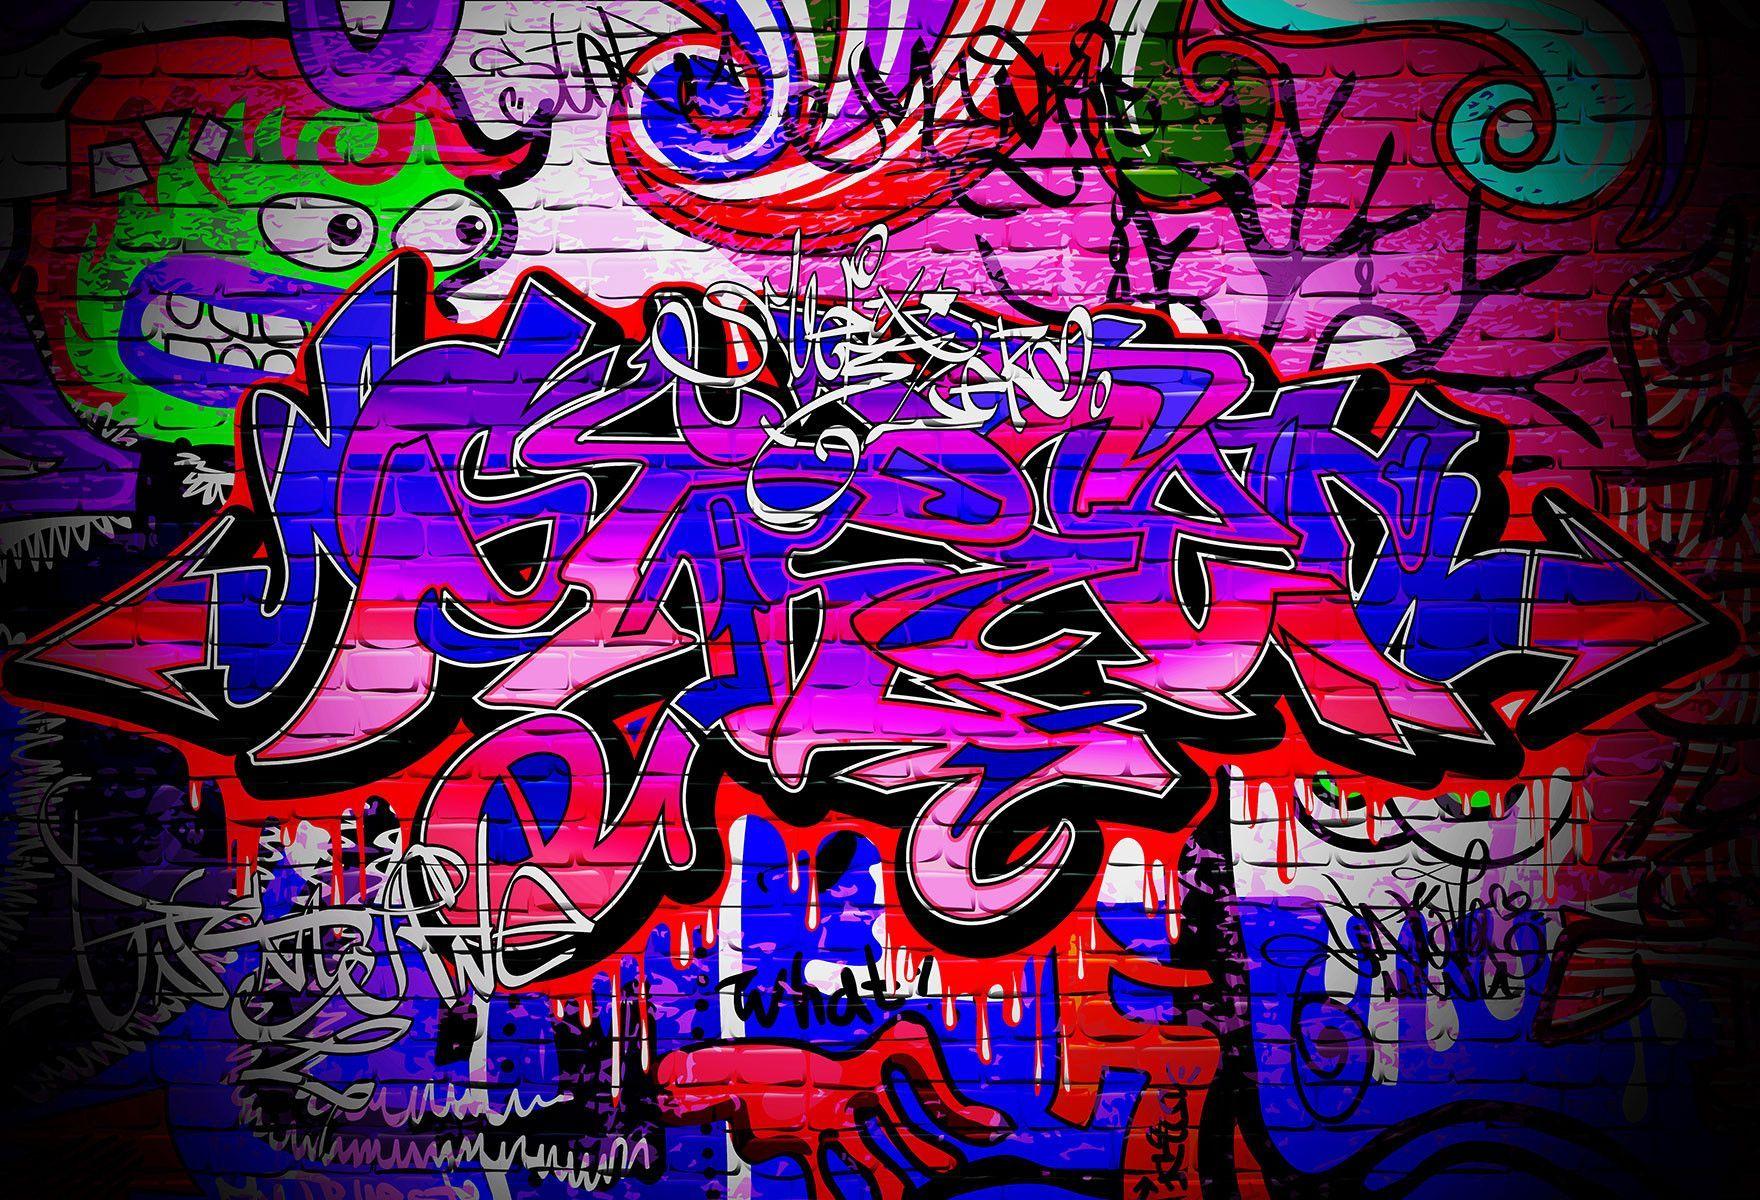 Scenic backdrops graffiti backgrounds brick wall backdrops hj04257 scenic backdrops graffiti backgrounds brick wall backdrops hj04257 voltagebd Image collections